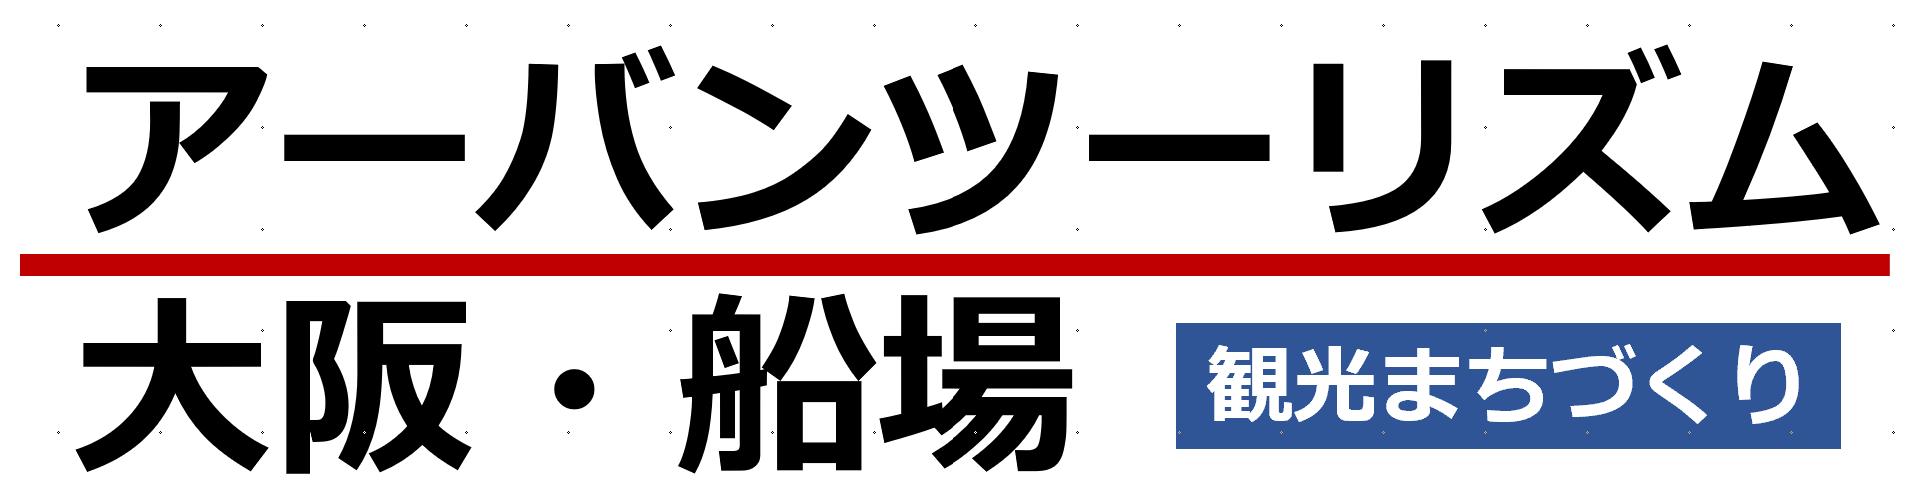 一般社団法人アーバンツーリズム大阪・船場